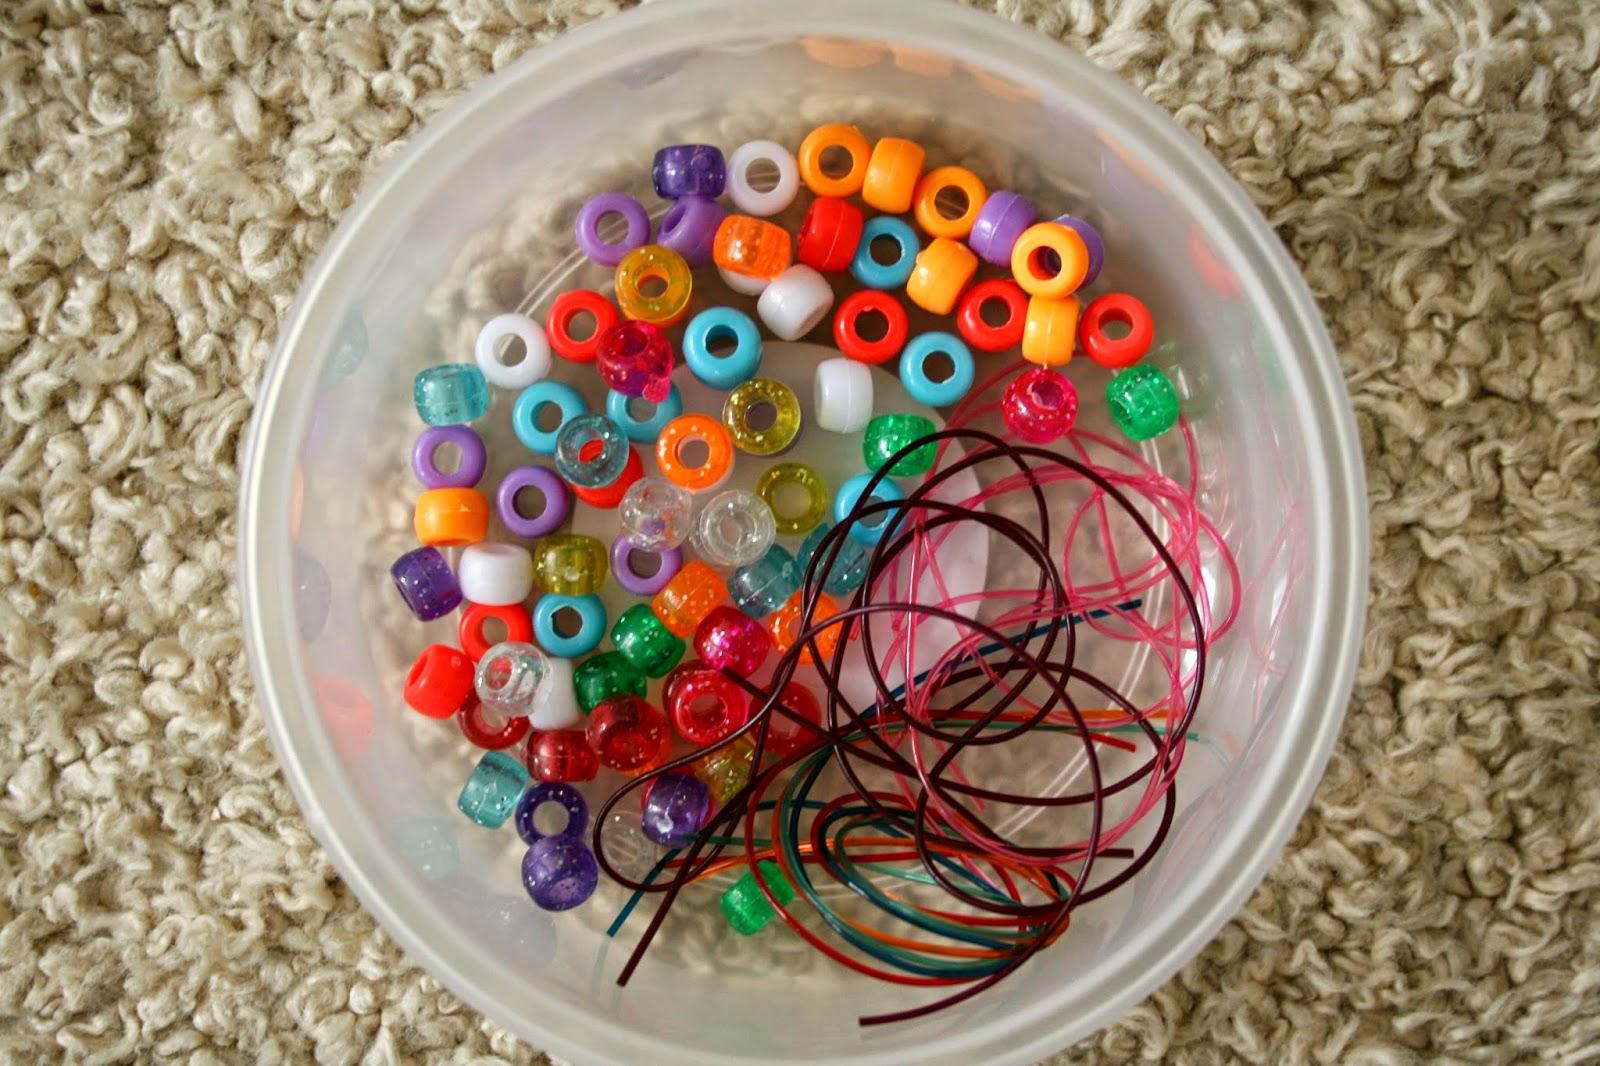 Kids Crafts Make Your Own Bracelets